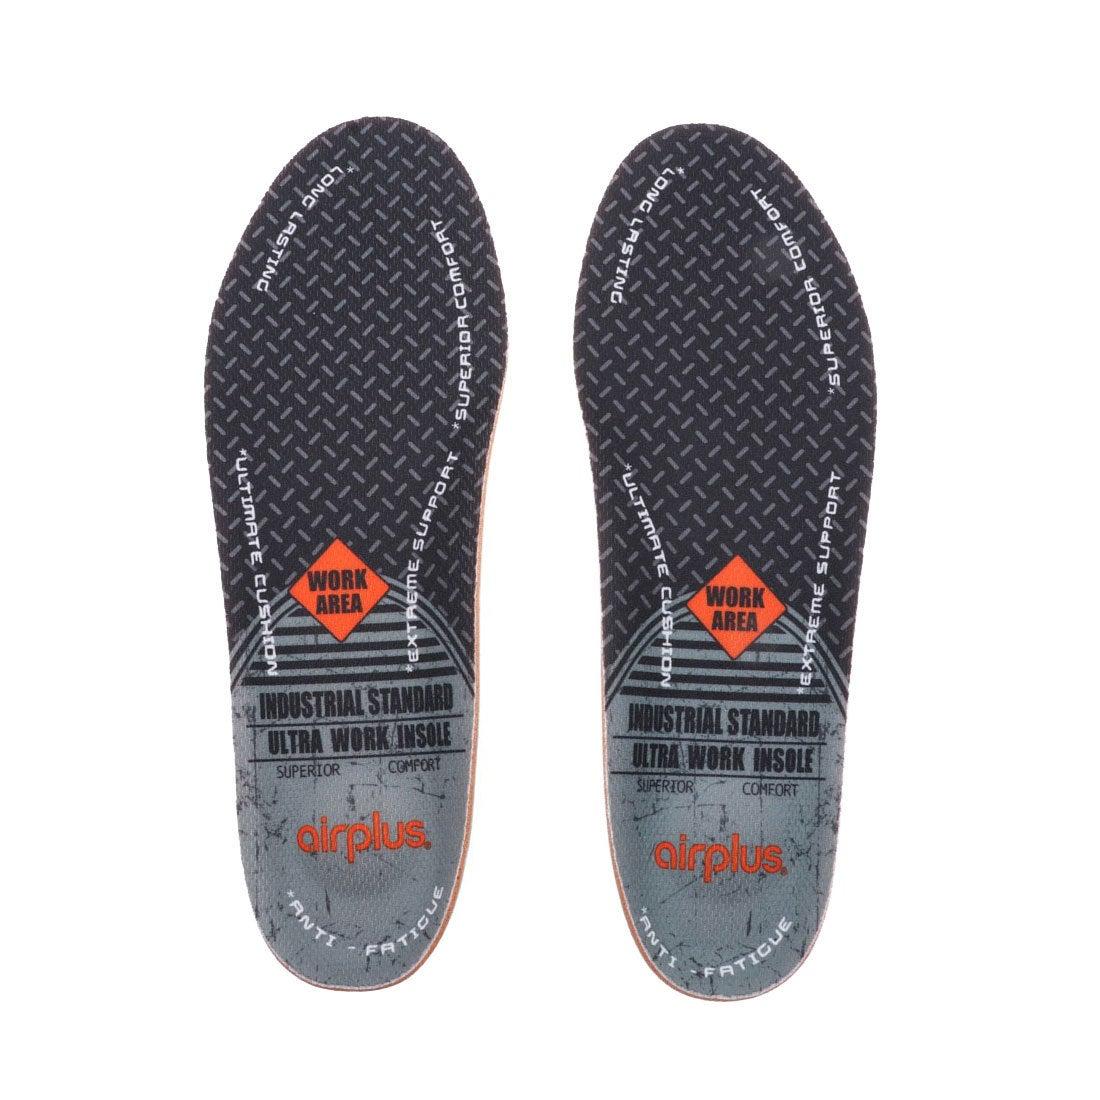 ロコンド 靴とファッションの通販サイトエアープラス airplus メンズ インソール ウルトラワーク男性用 20454 ミフト mift